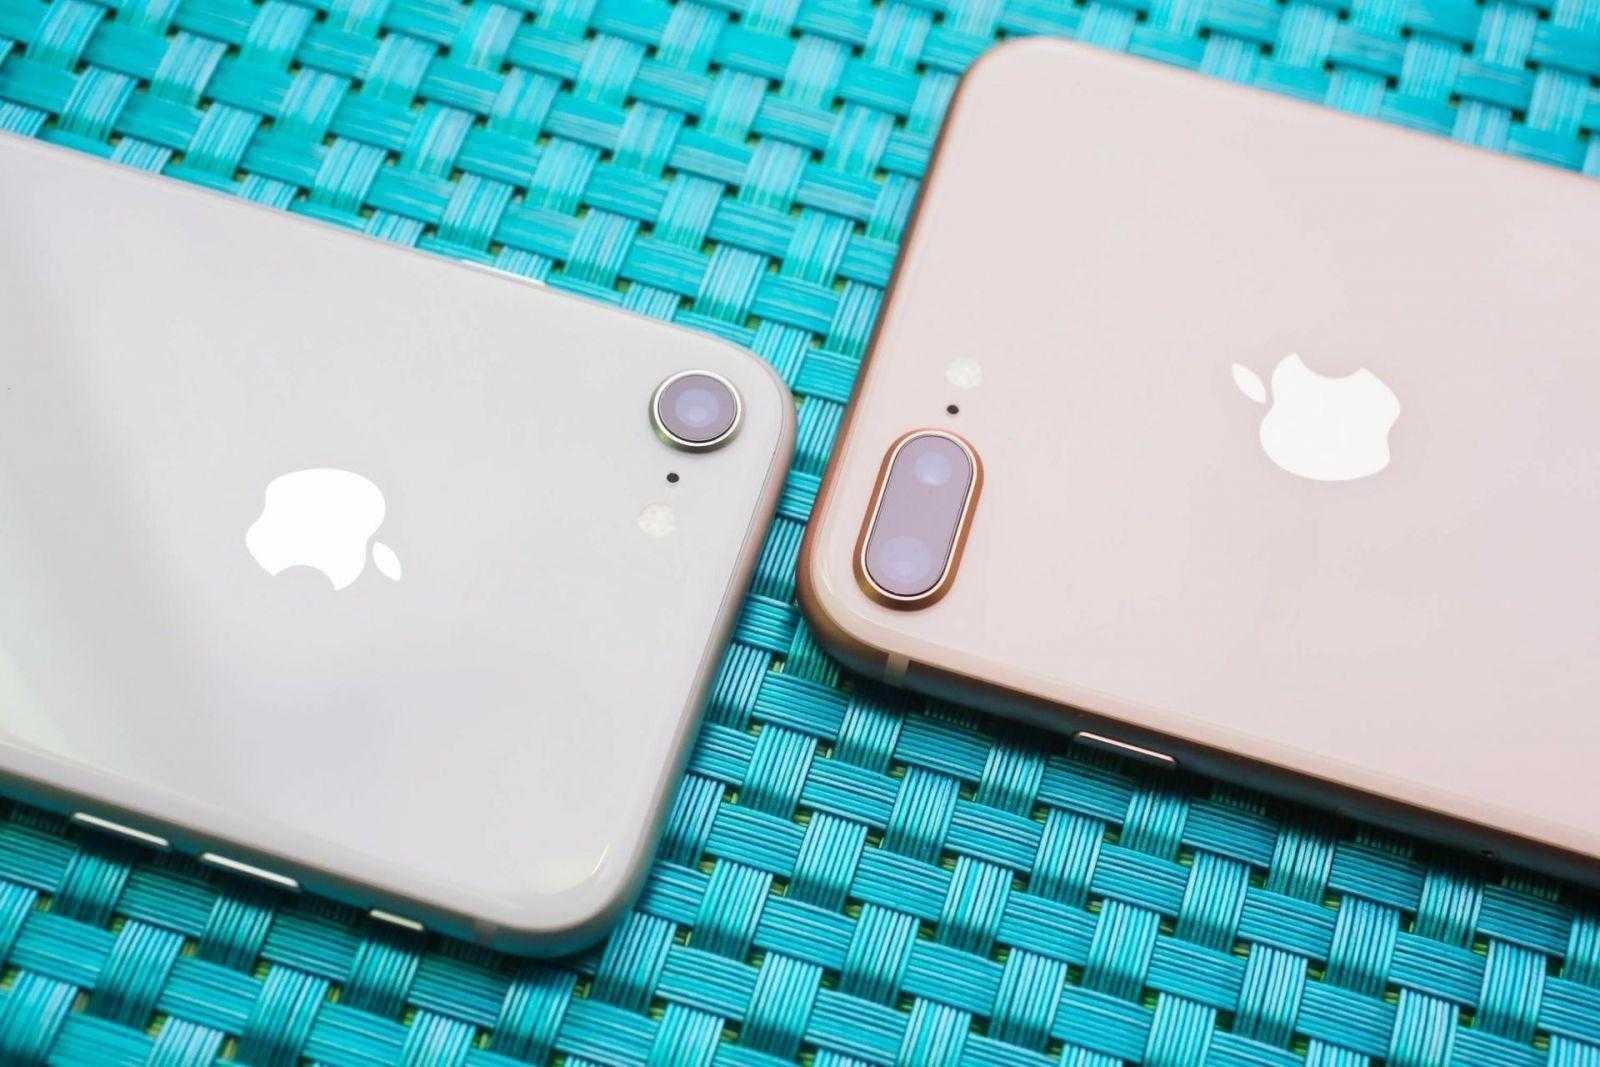 Аналитик: Samsung будет поставлять 5G-модемы для Apple вместе с Qualcomm